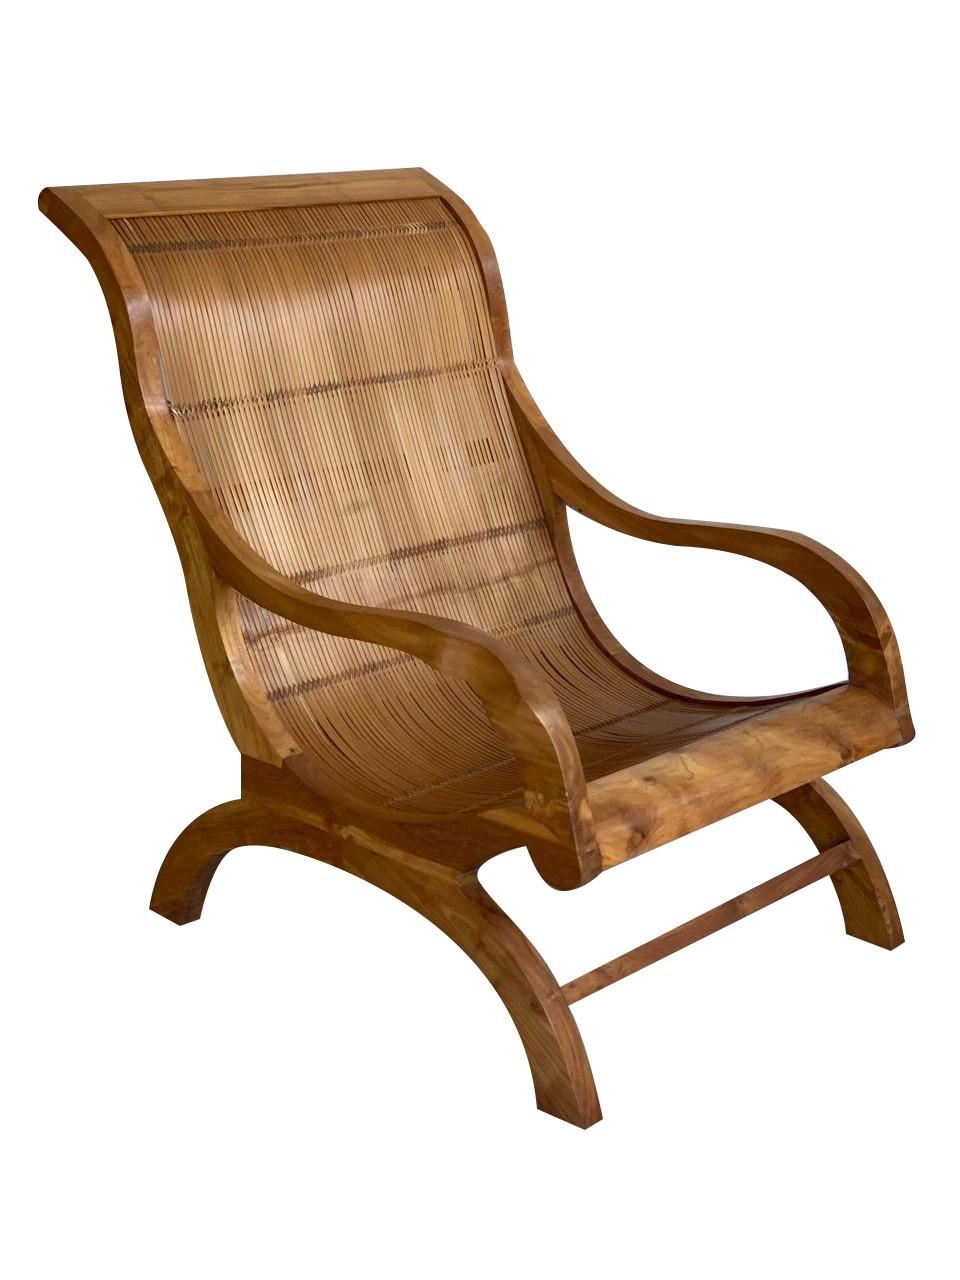 [FRETE INCLUSO] Poltrona modelo Lazy Chair em Madeira Teca com Ripas de Bambu ( 65x80x94cm )